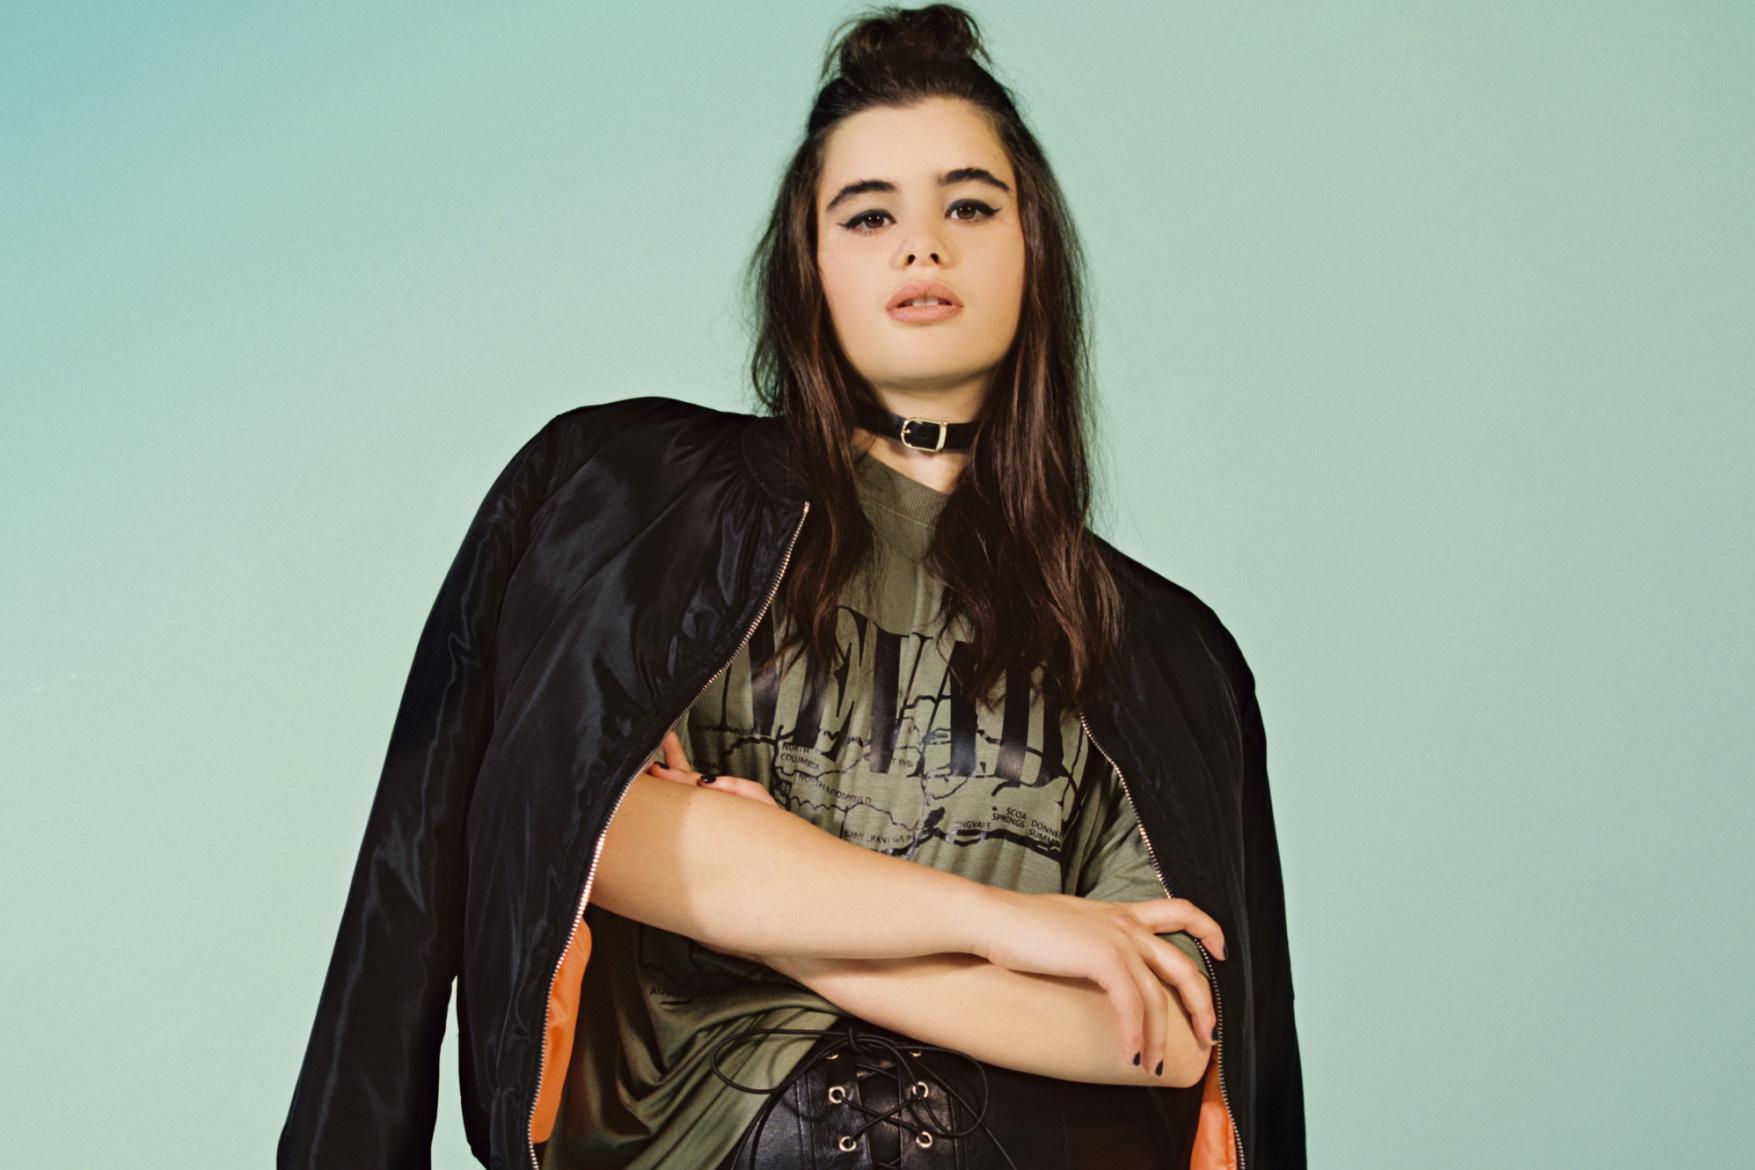 Urban Outfitters muestra a una modelo en su campaña de una talla que no vende